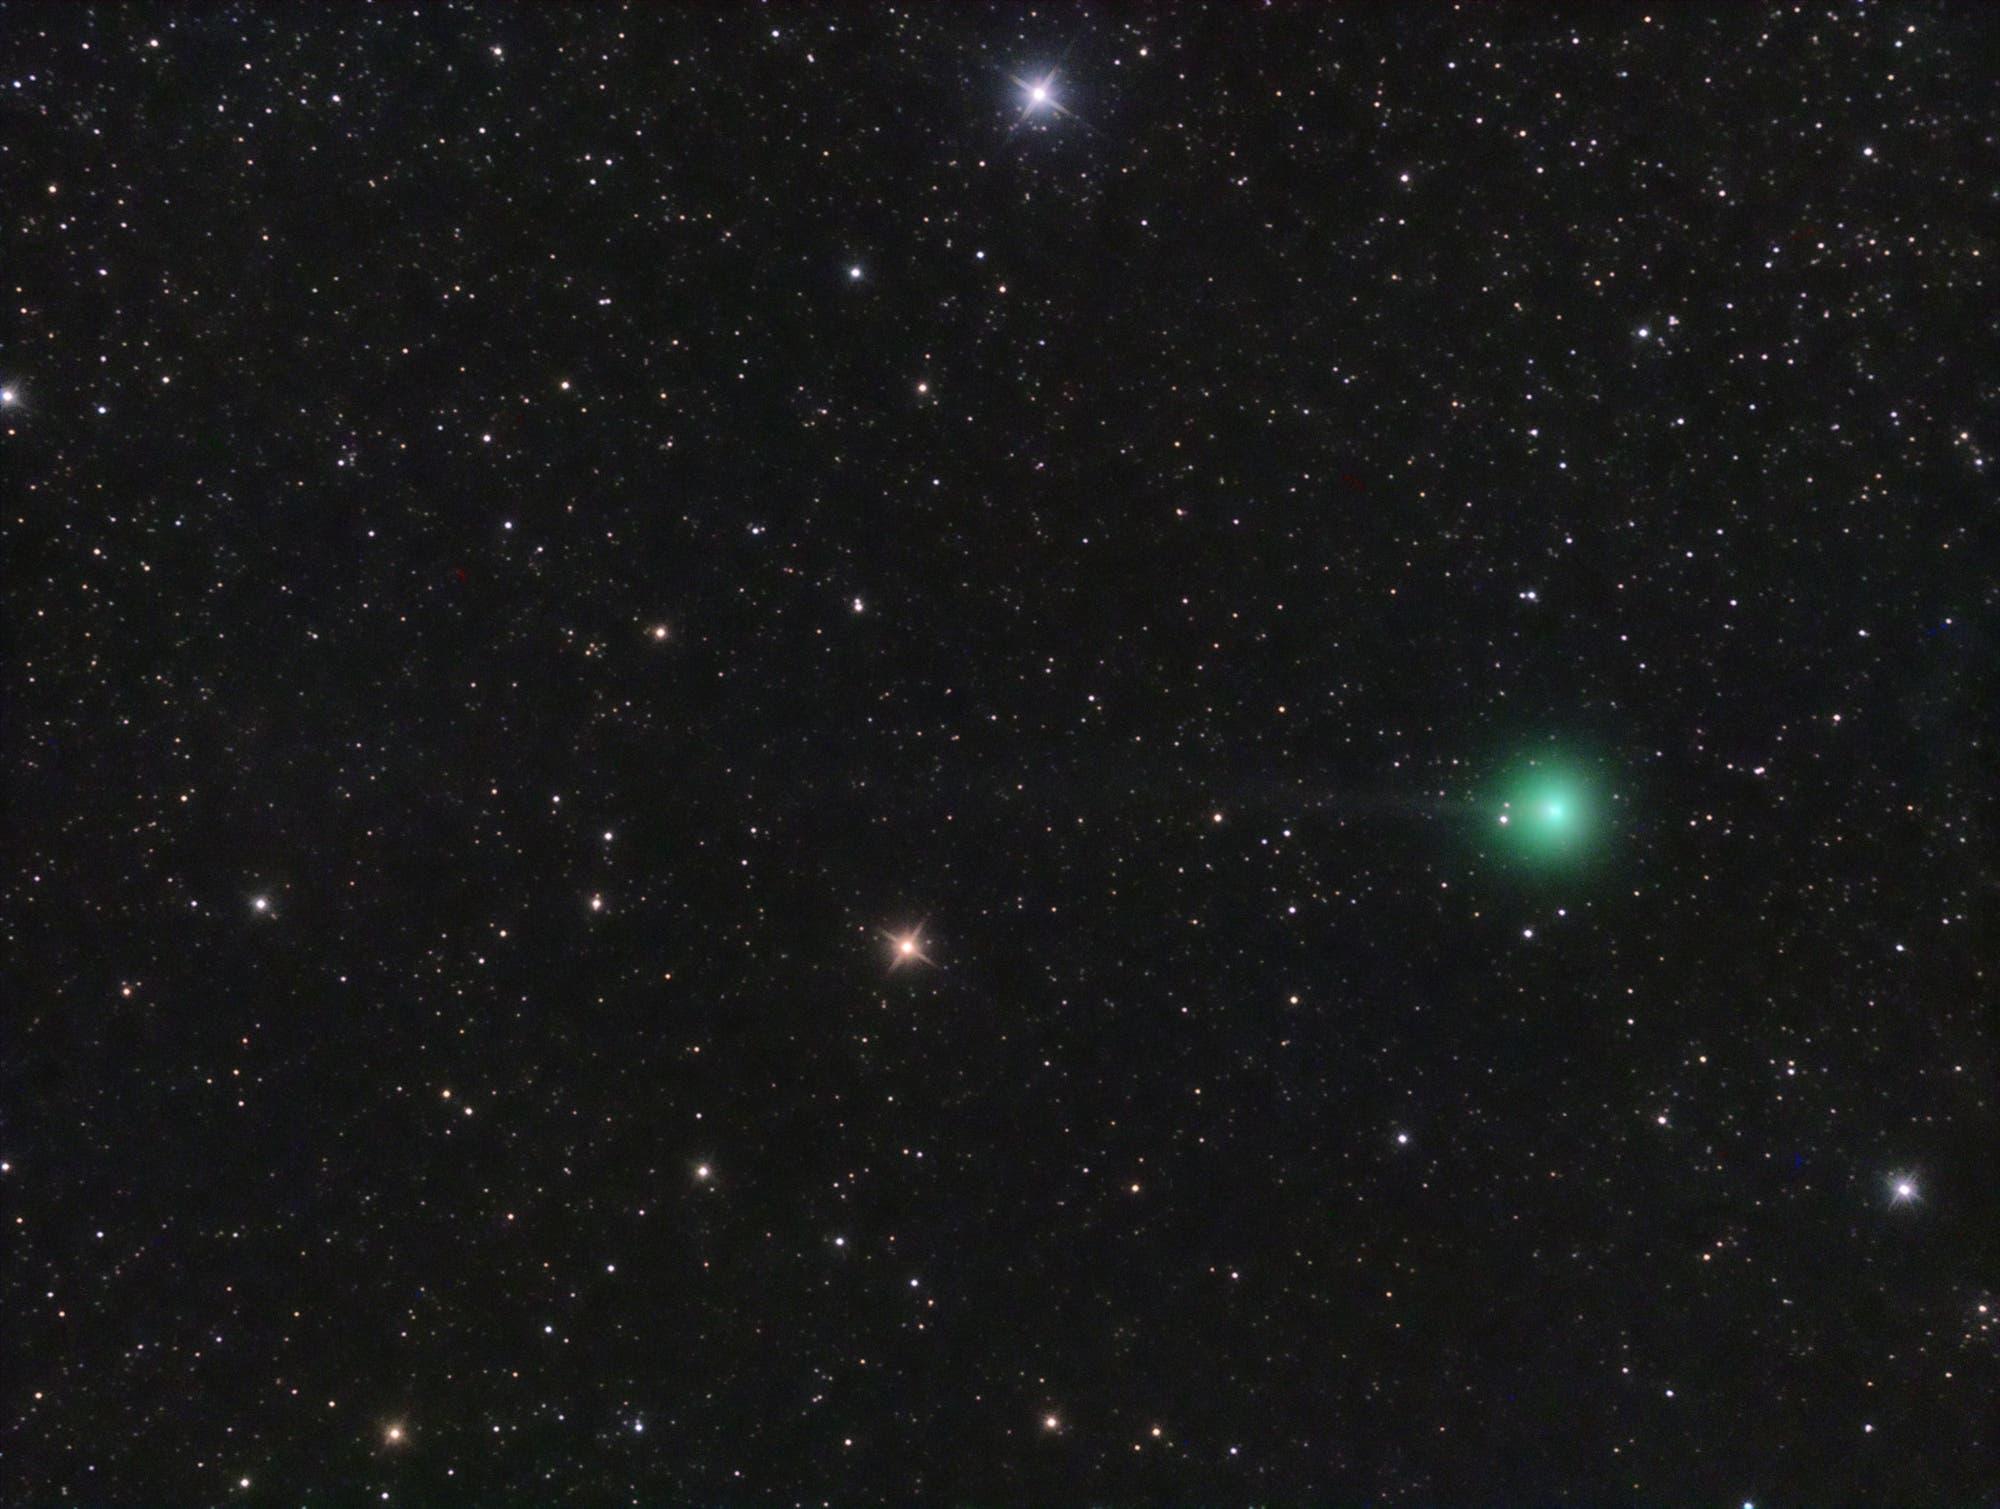 Comet C/2017 S3 PANSTARRS